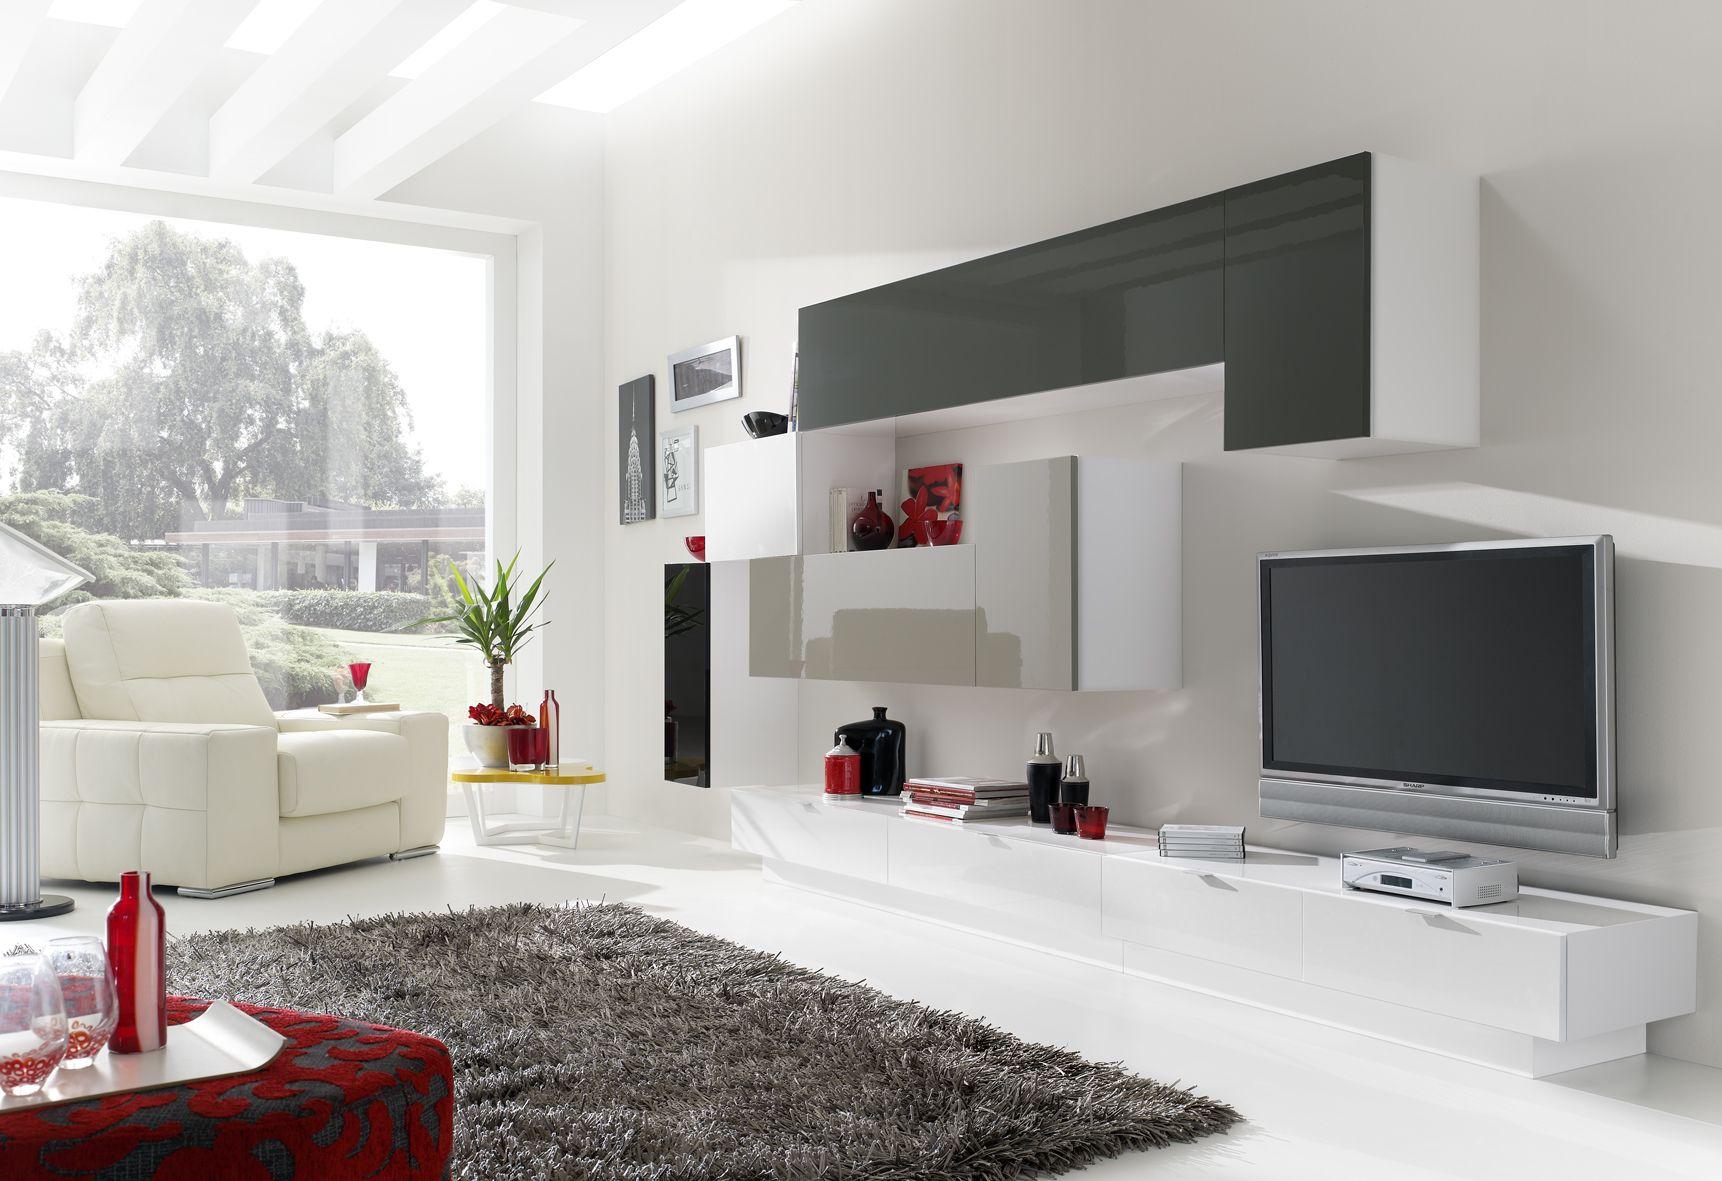 Nostalgia Un Retorno Al Pasado Reflexionando Sobre La  # Muebles De Madera Sostenible